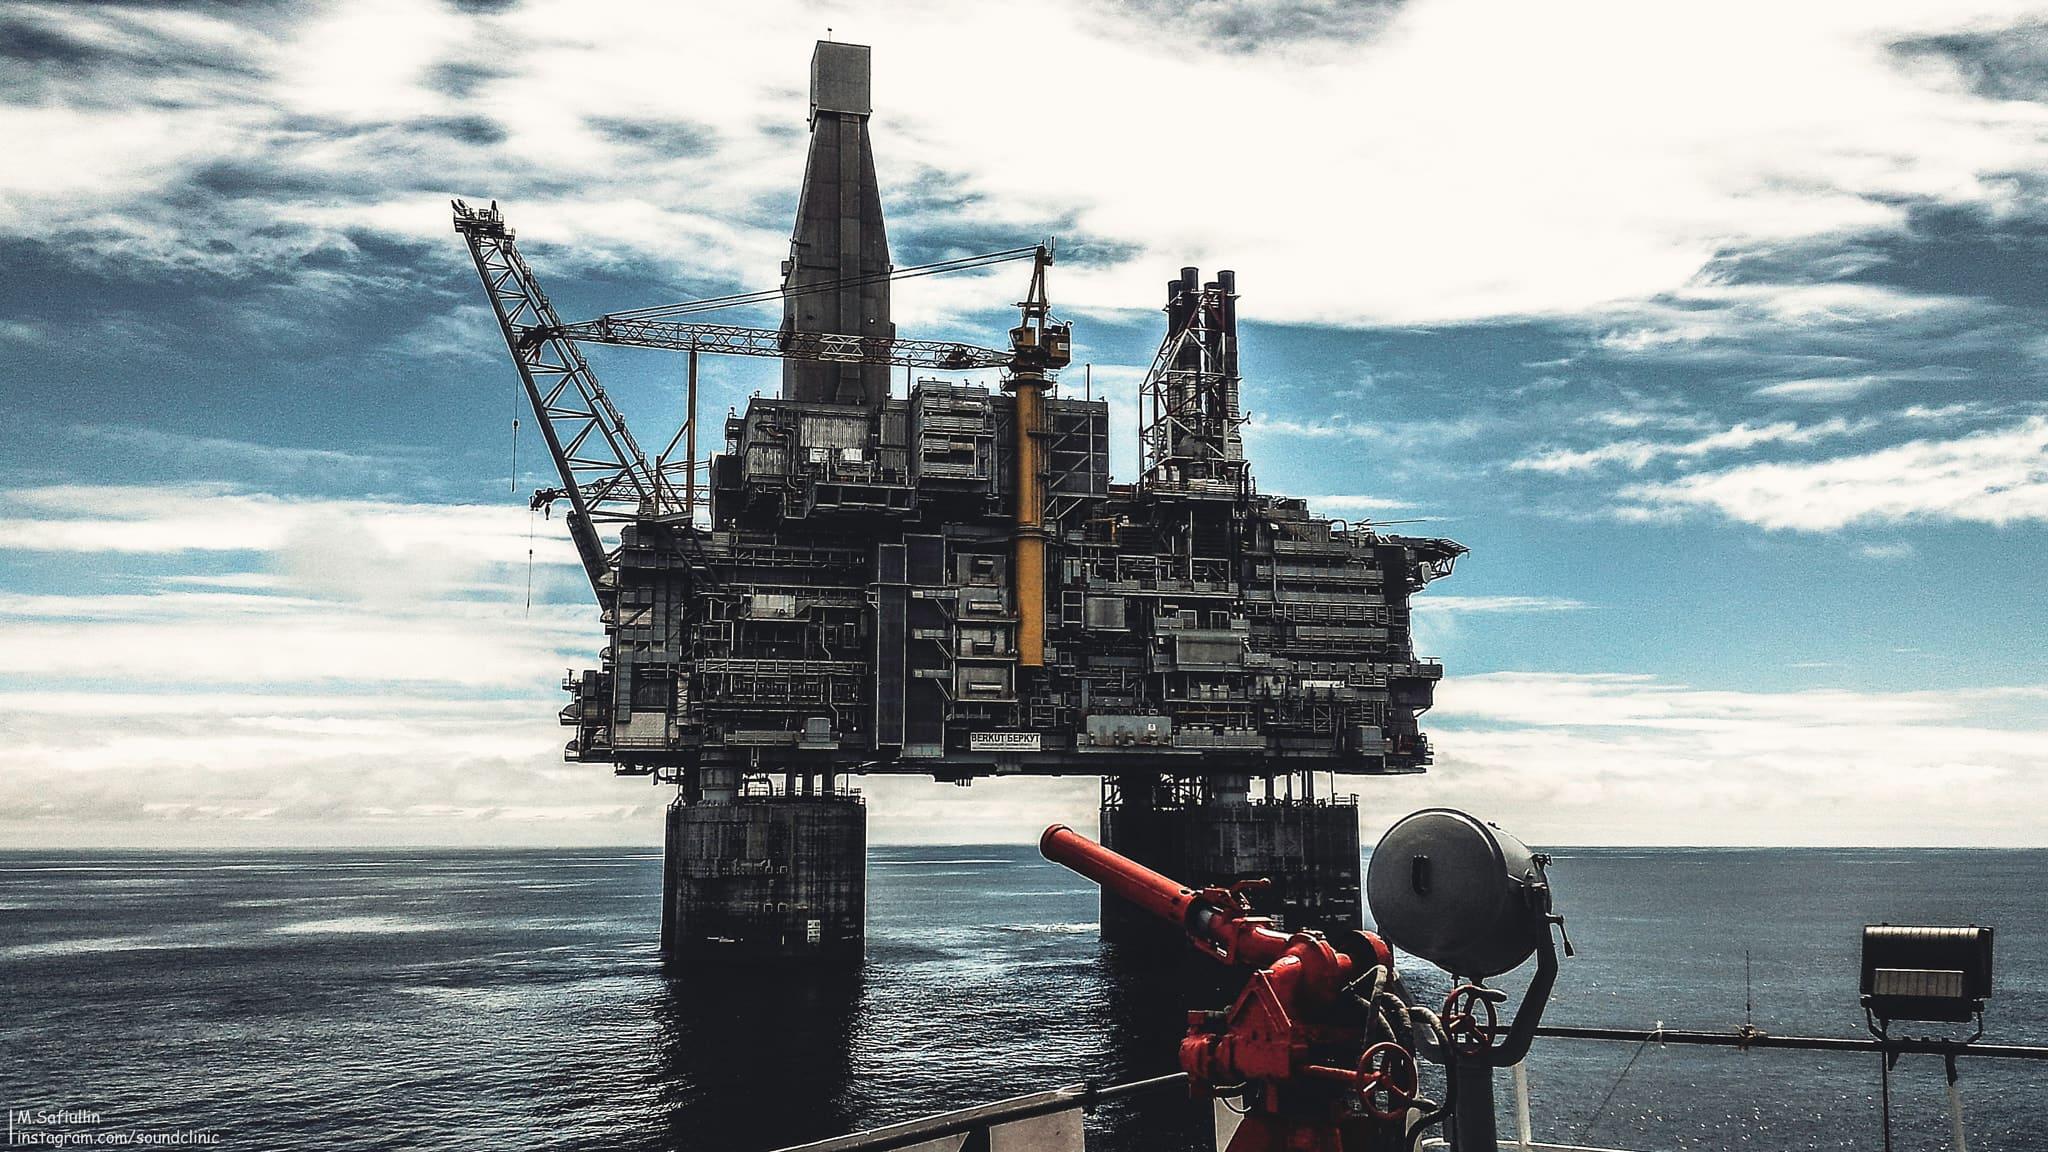 Крупнейшая нефтяная буровая платформа «Беркут» на шельфе в Охотском море. Для герметизации стыков, антистатического заземления трубопроводов, узлов и корпусов оборудования используются электропроводящие герметики. Фотограф - Максим Сафиуллин.